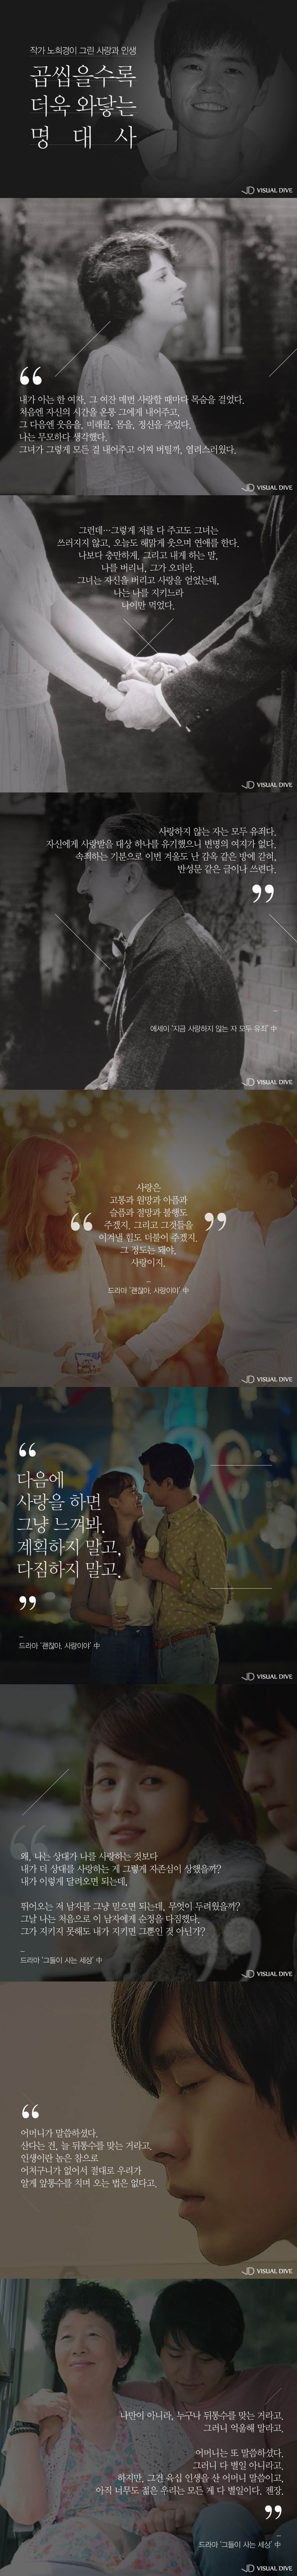 노희경 작가가 그린 사랑과 인생 [카드뉴스] #Drama / #cardnews ⓒ 비주얼다이브 무단 복사·전재·재배포 금지